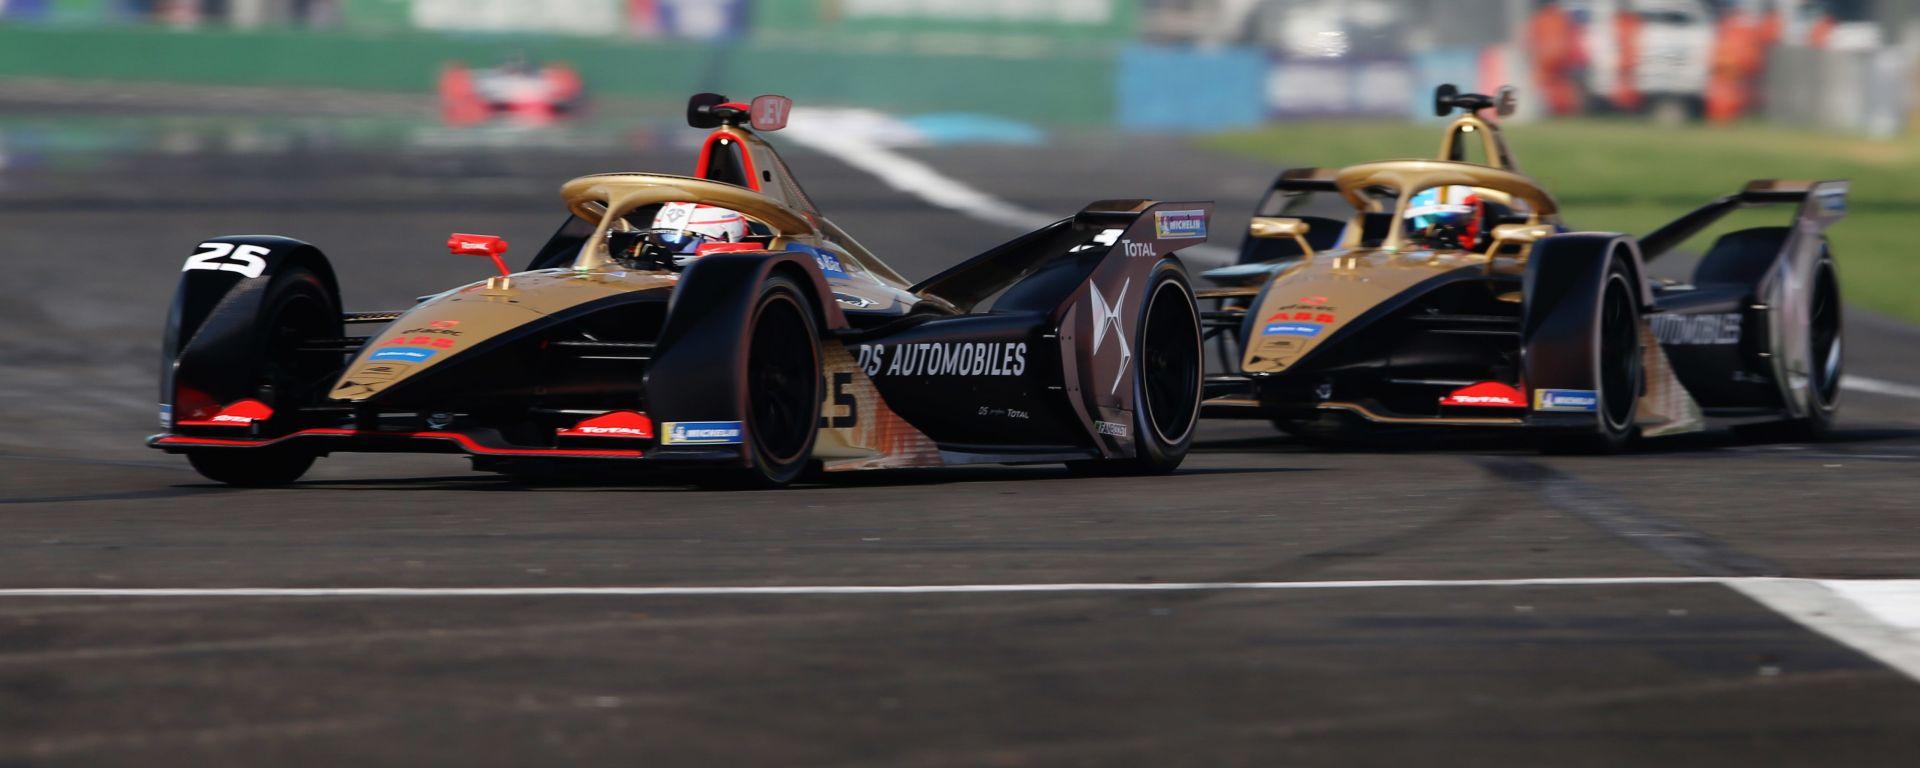 Formula E, ePrix Città del Messico 2020: le due Ds Techeetah in pista